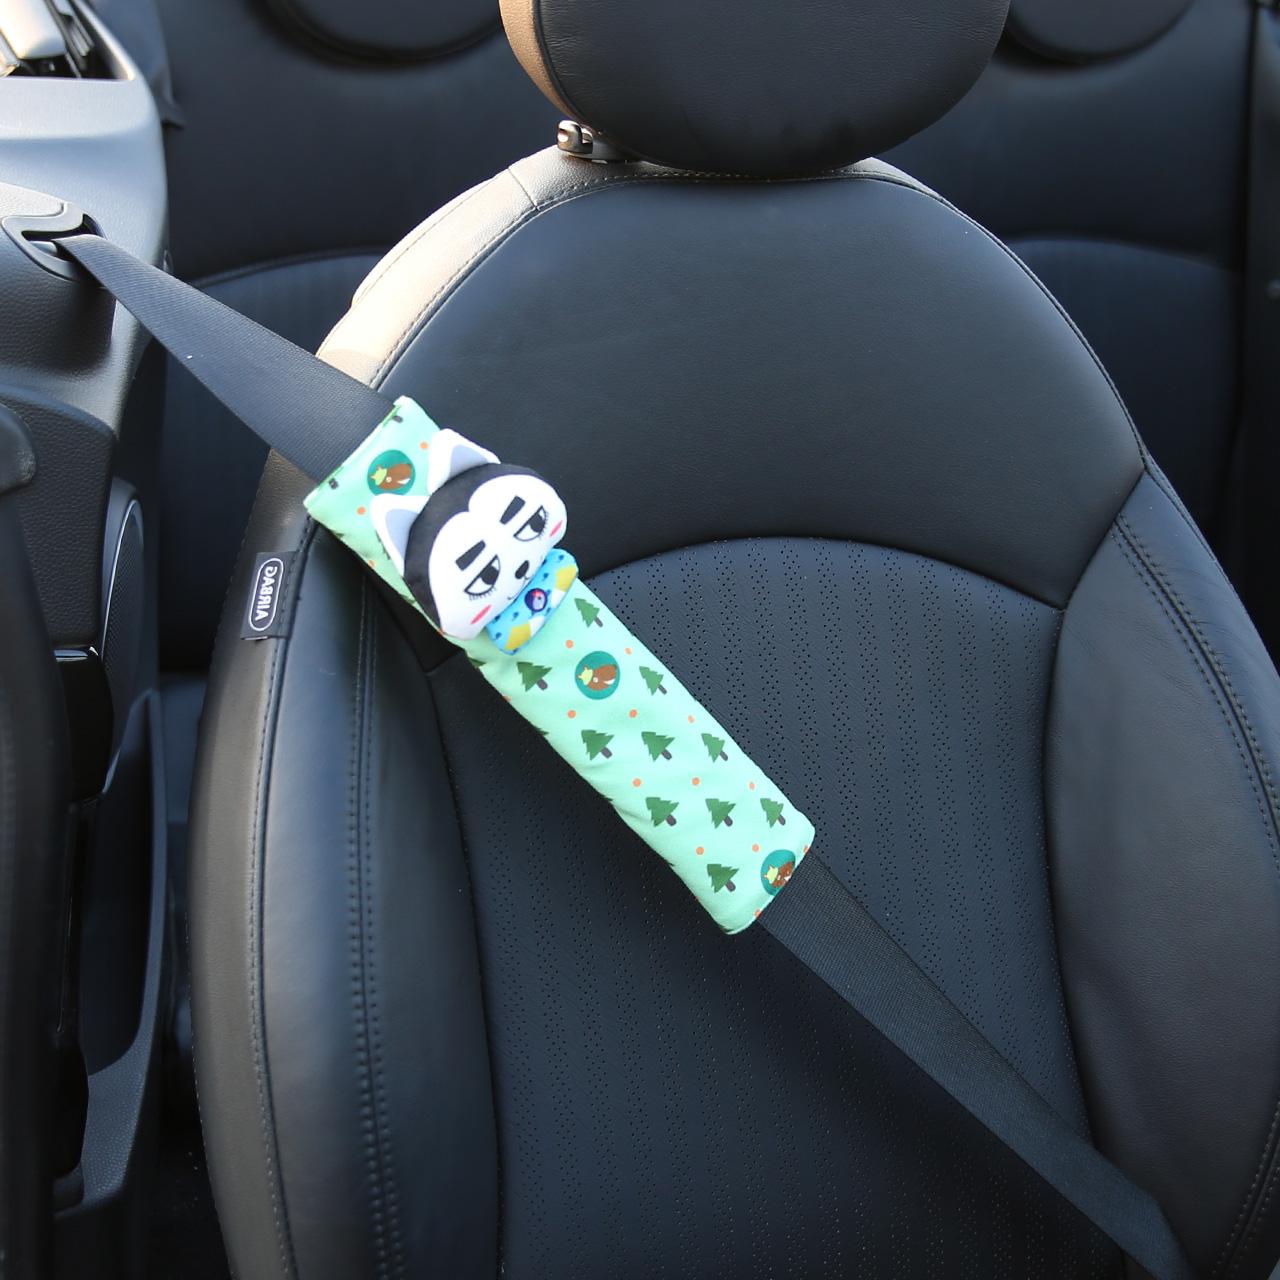 卡裏努努汽車安全帶護肩套可愛 車用內飾品卡通安全帶套車飾